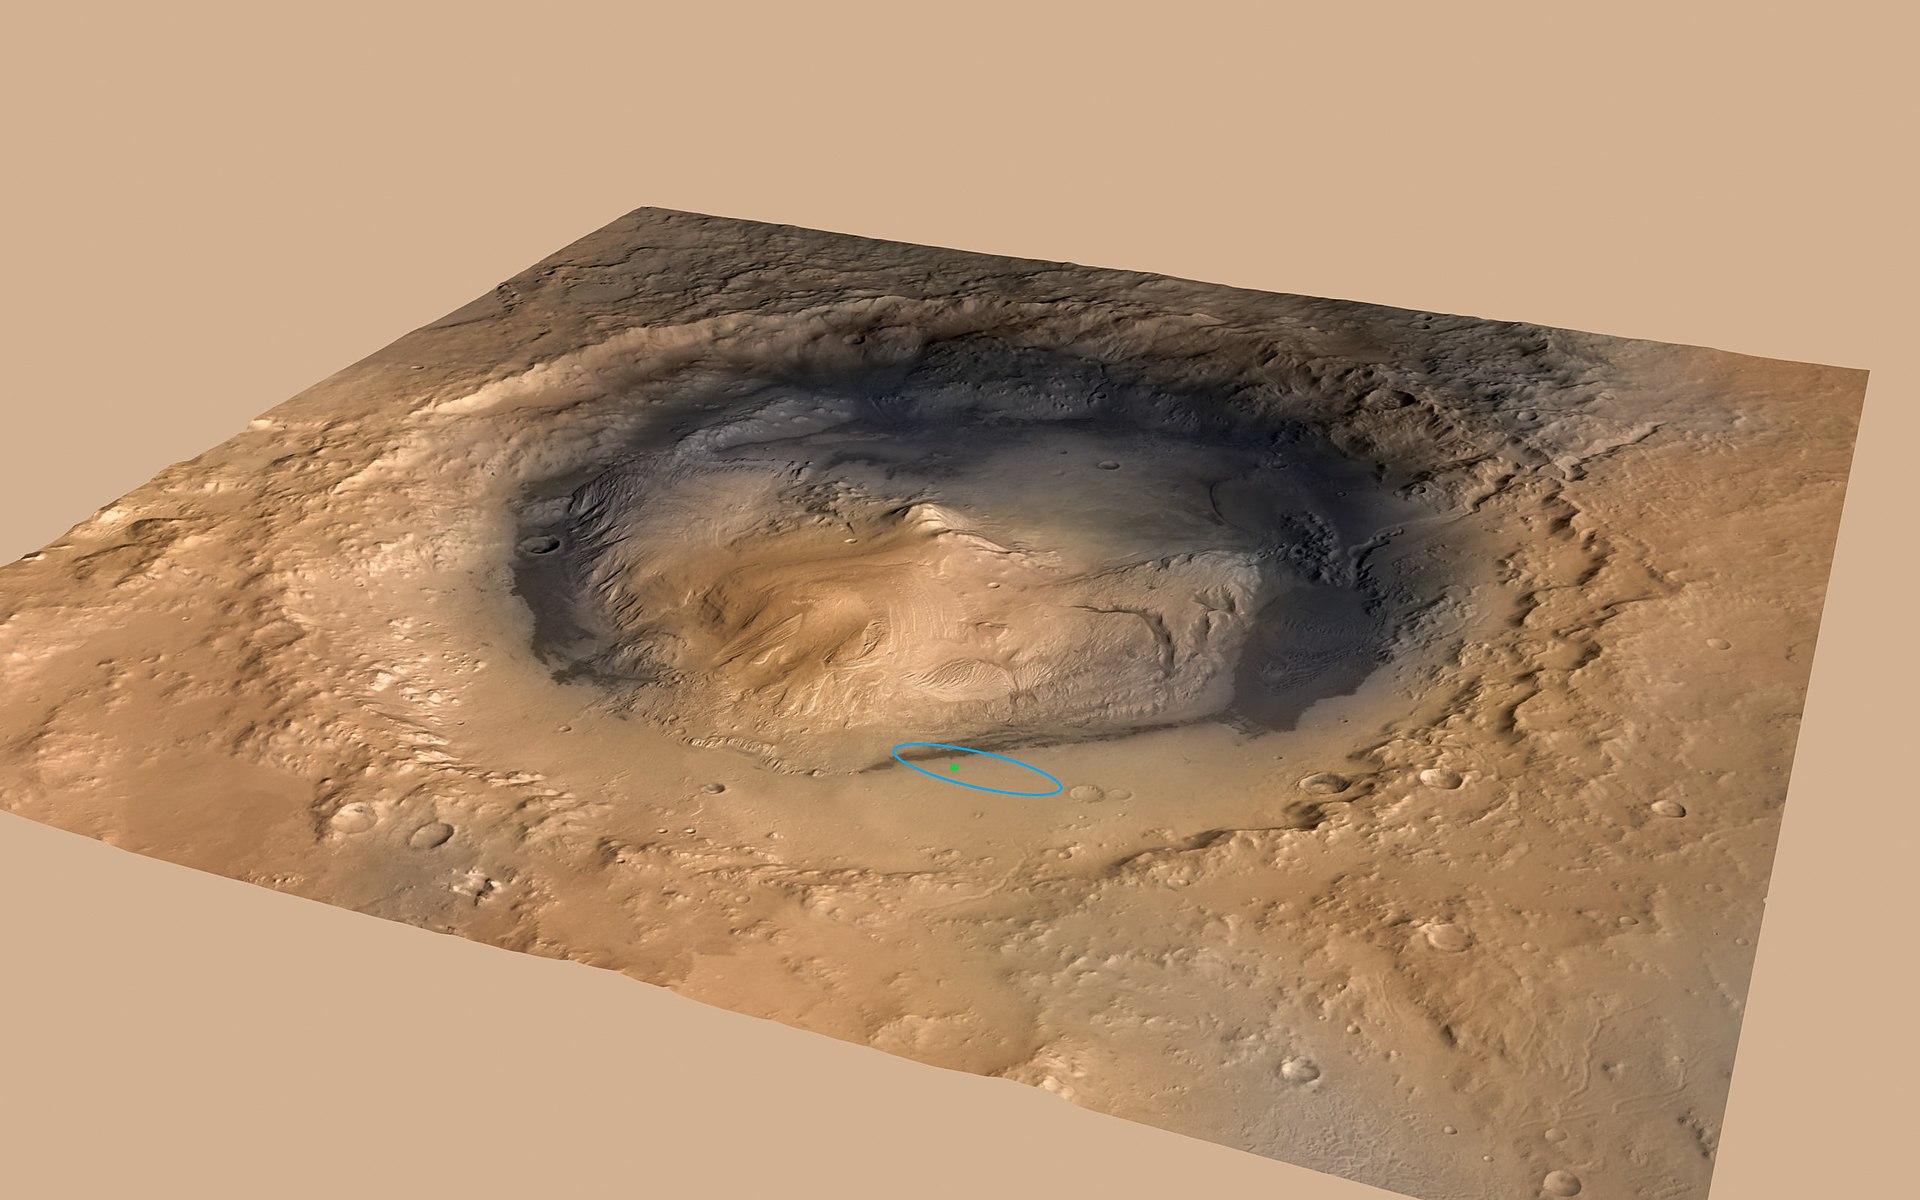 ภาพของ Gale Crater ขนาดเส้นผ่านศูนย์กลาง 154 กิโลเมตร โดยจุดวงกลมในภาพคือคือ จุดลงจอดของยาน Curiosity rover